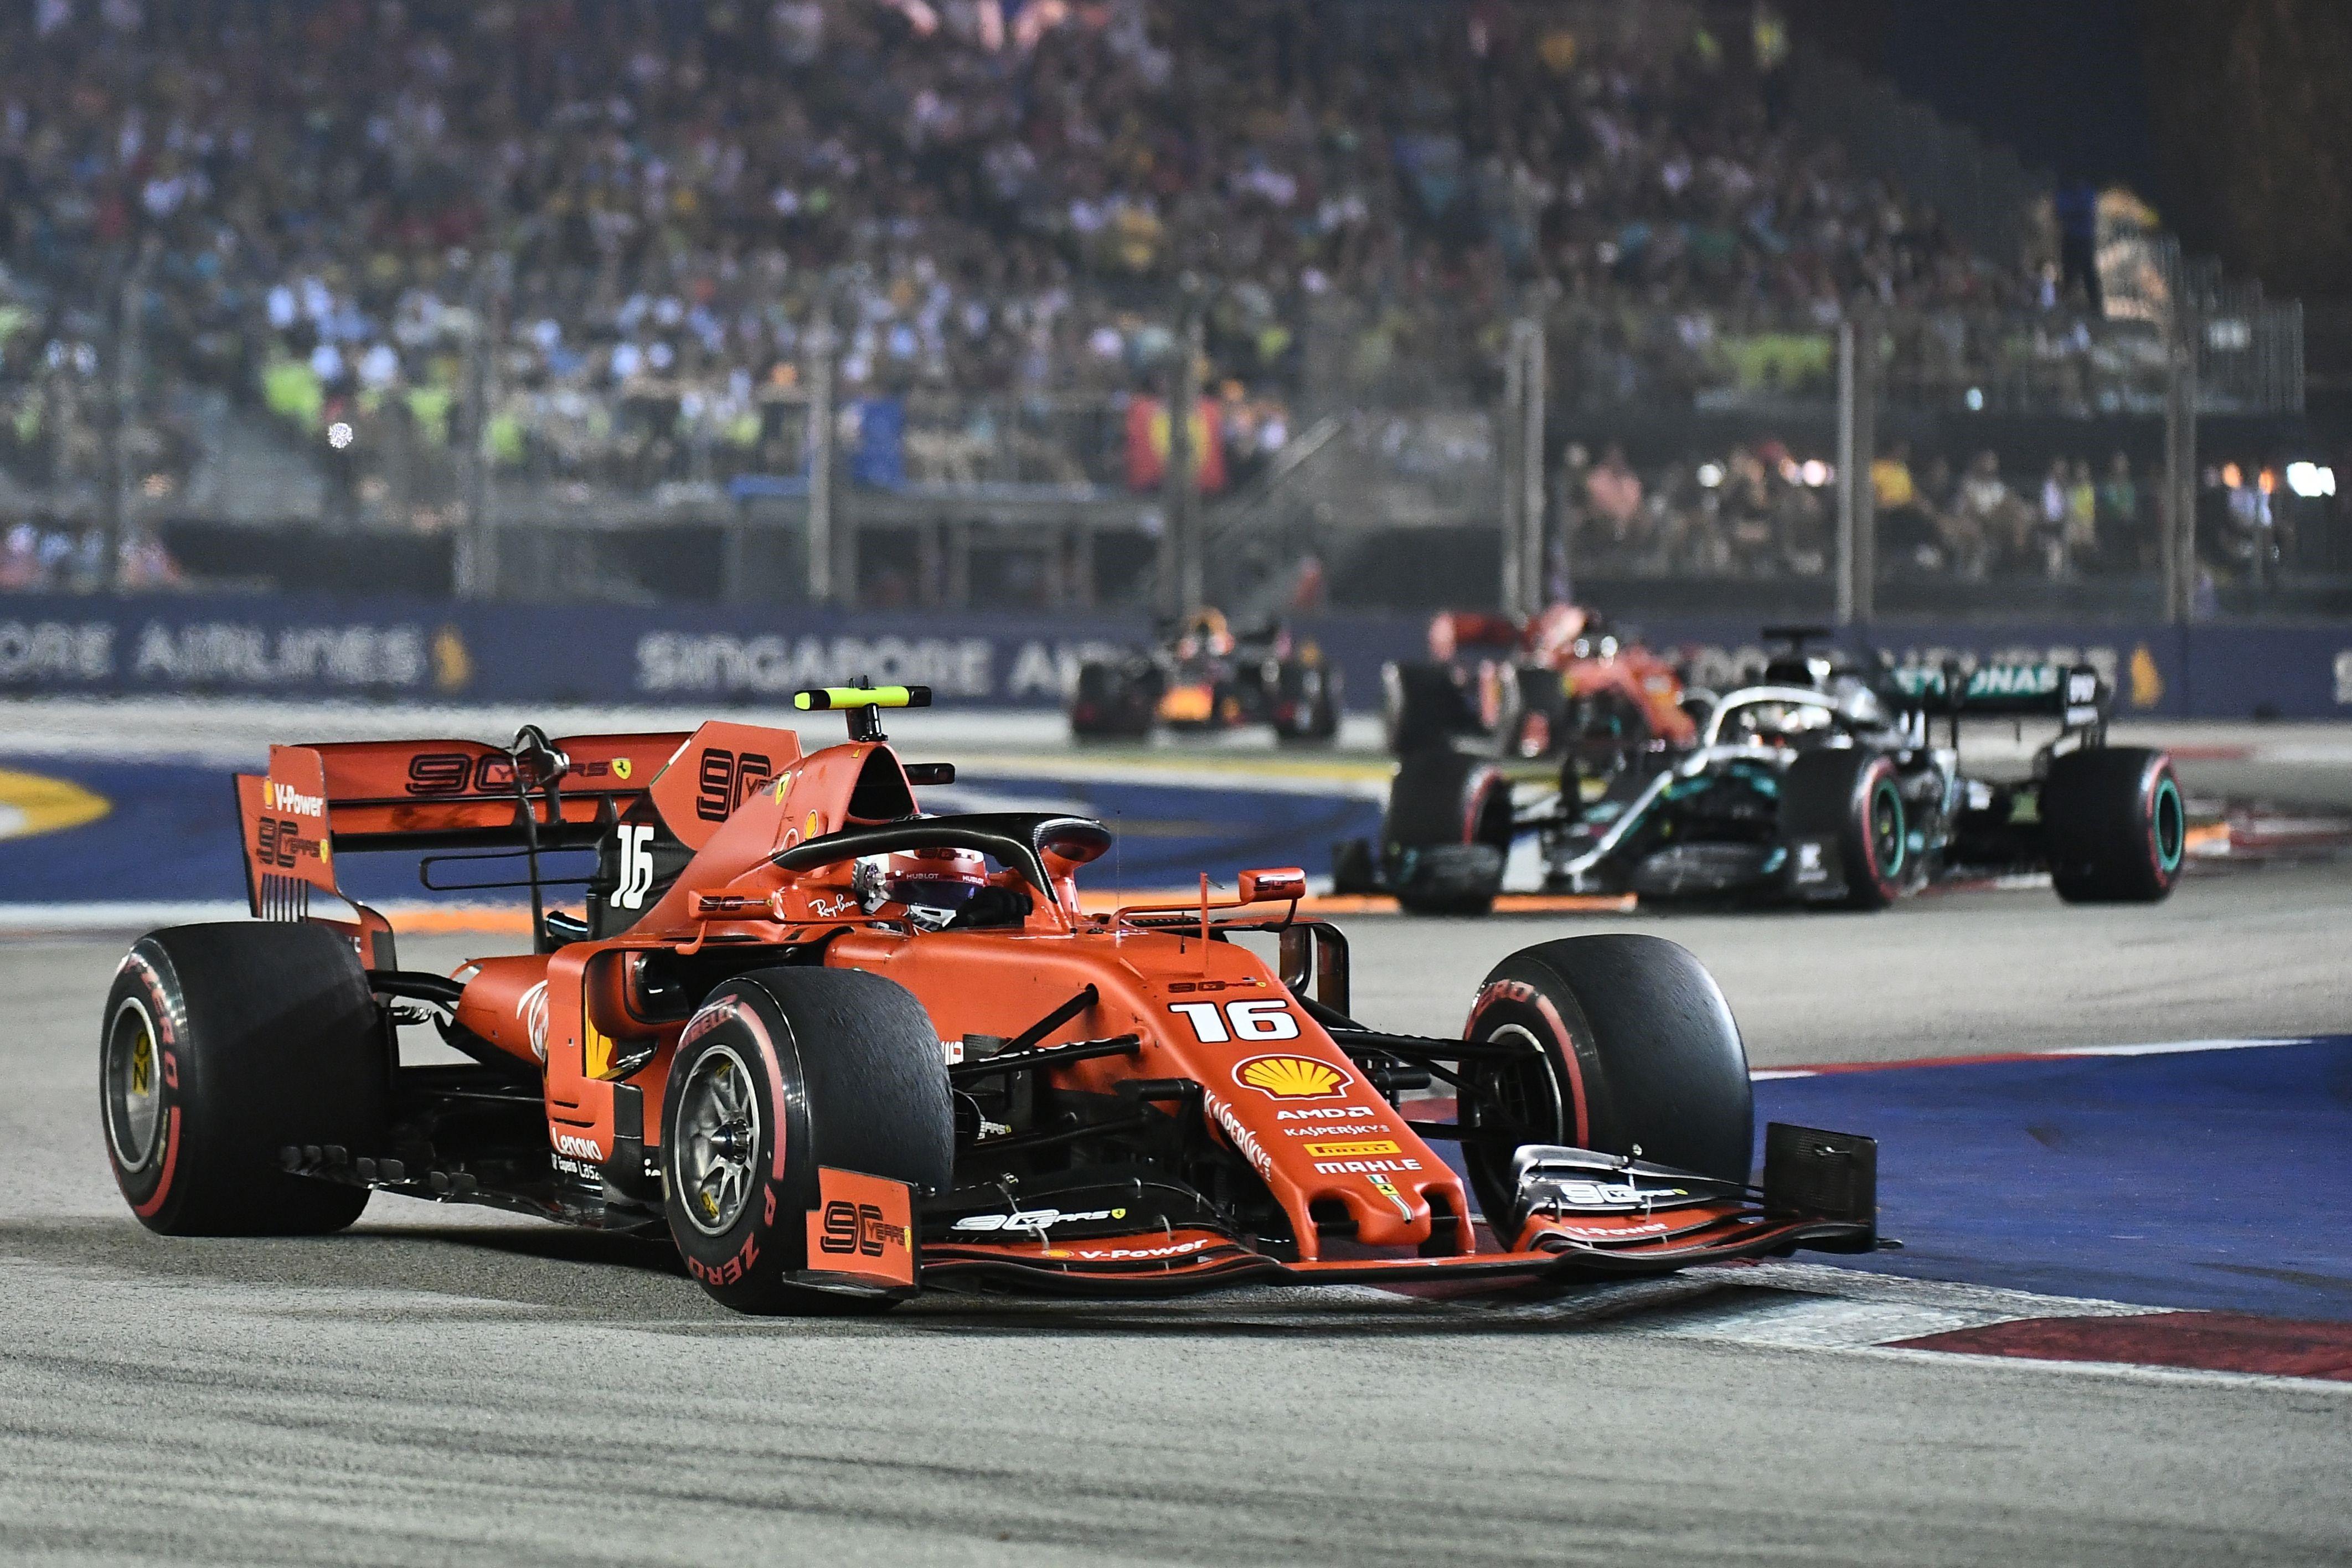 Charles Leclerc (Ferrari) lors du Grand Prix de Singapour 2019